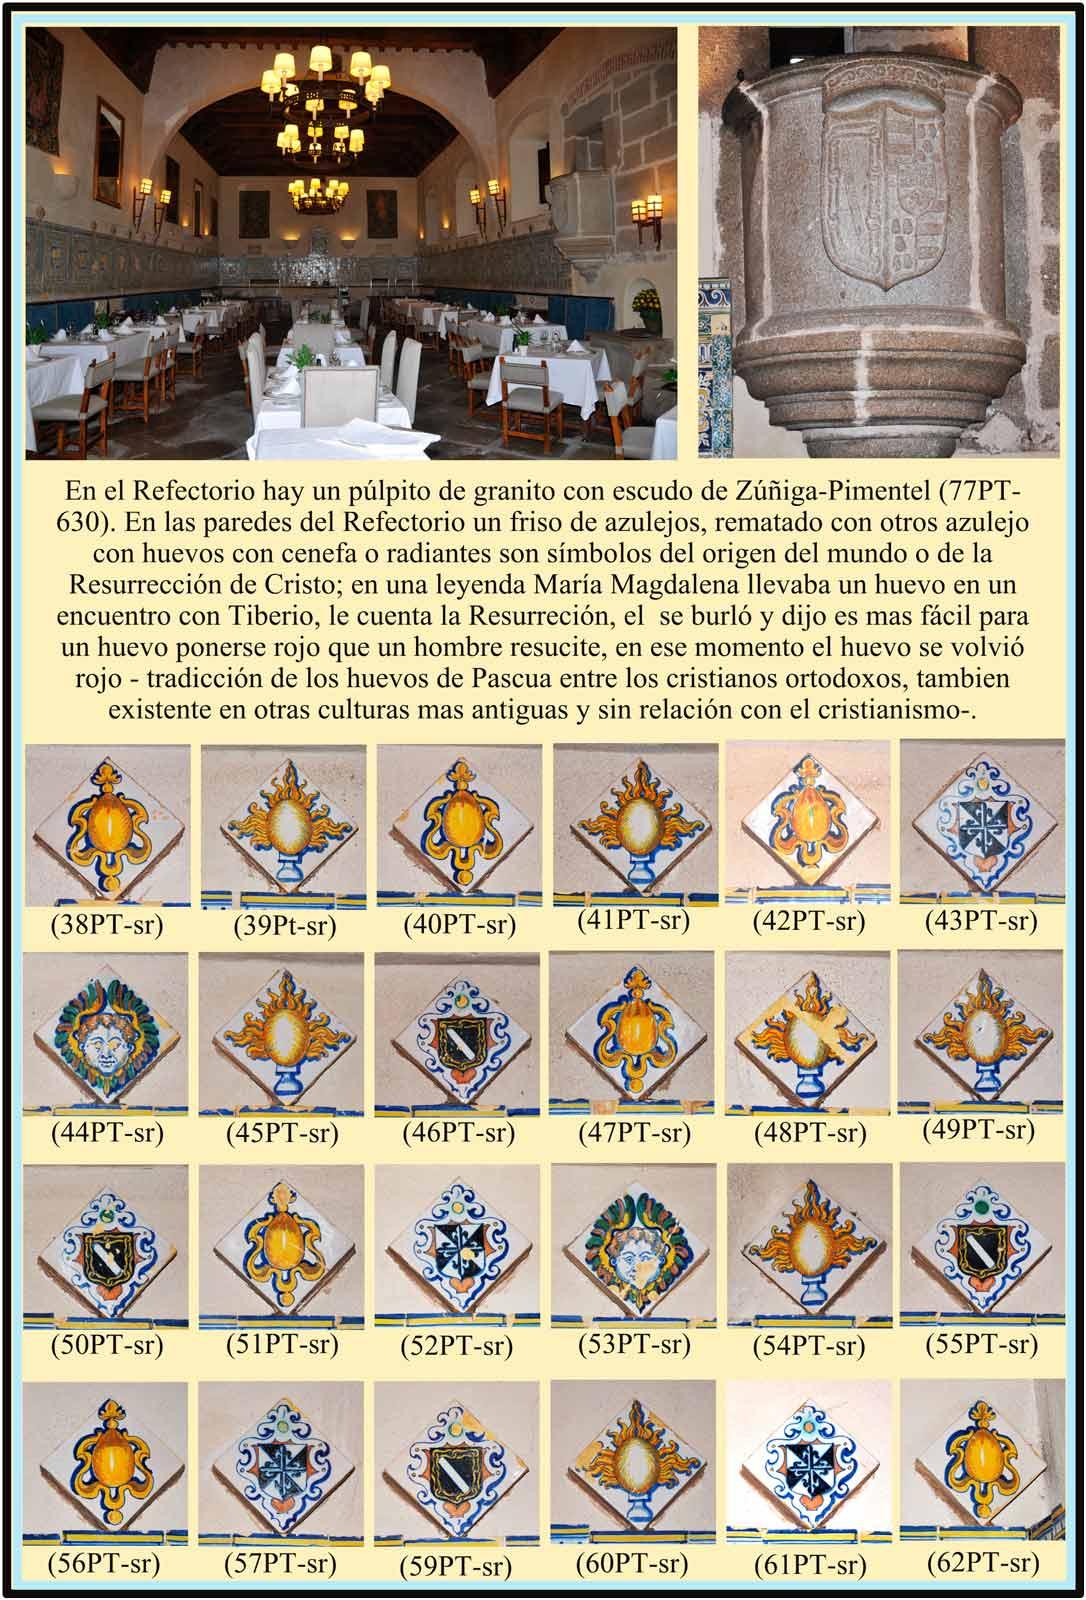 Simbolos en el Refectorio del Parador. Friso de Azulejos de Jan Floris